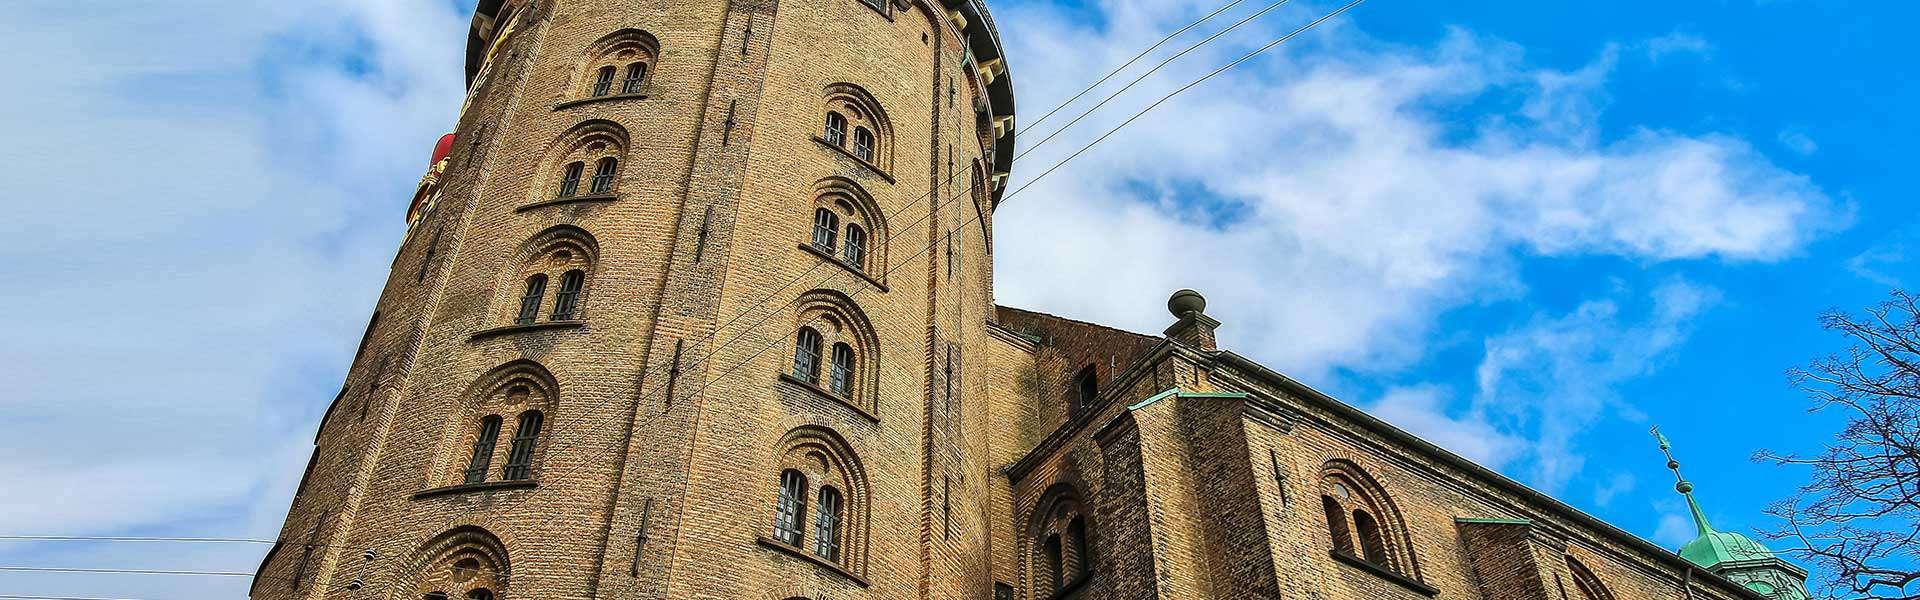 Immer einen Ausflug wert bei gutem Wetter in Kopenhagen: Runder Turm